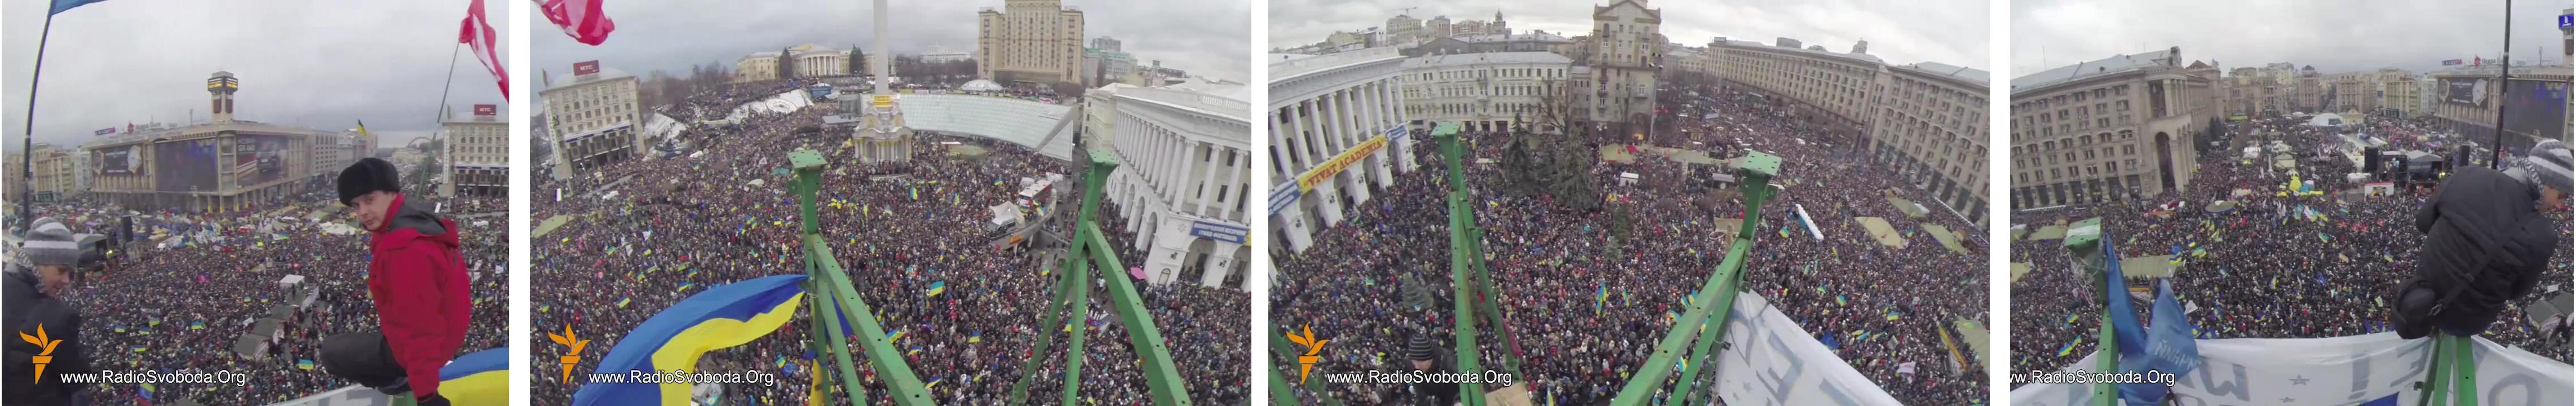 Panorama-Maidan-2a